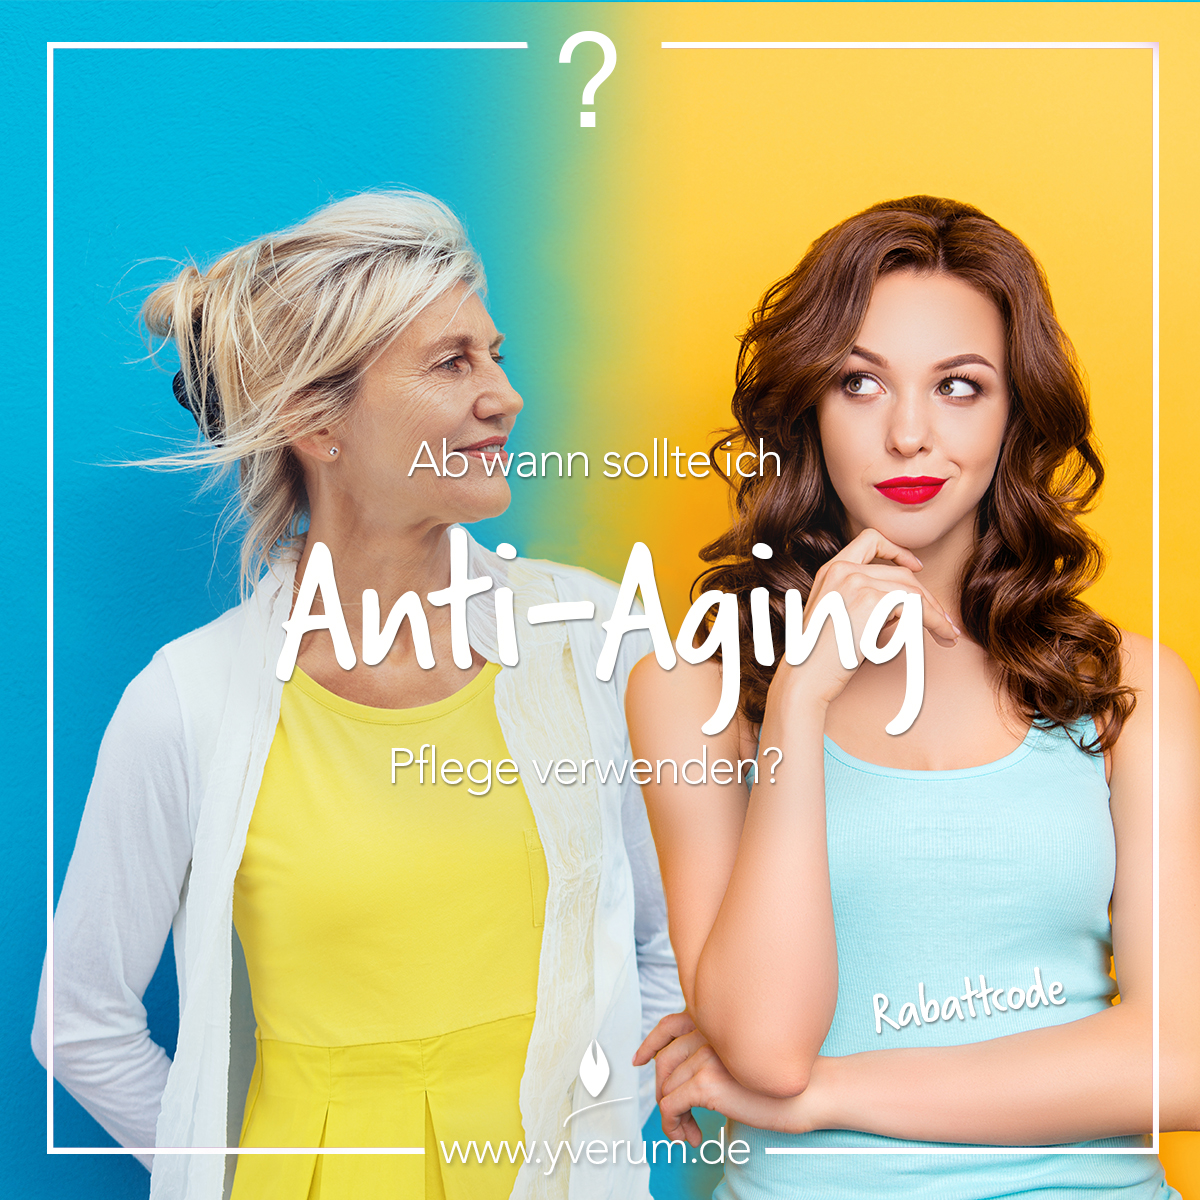 Ab wann sollte ich Anti-Aging Pflege verwenden?